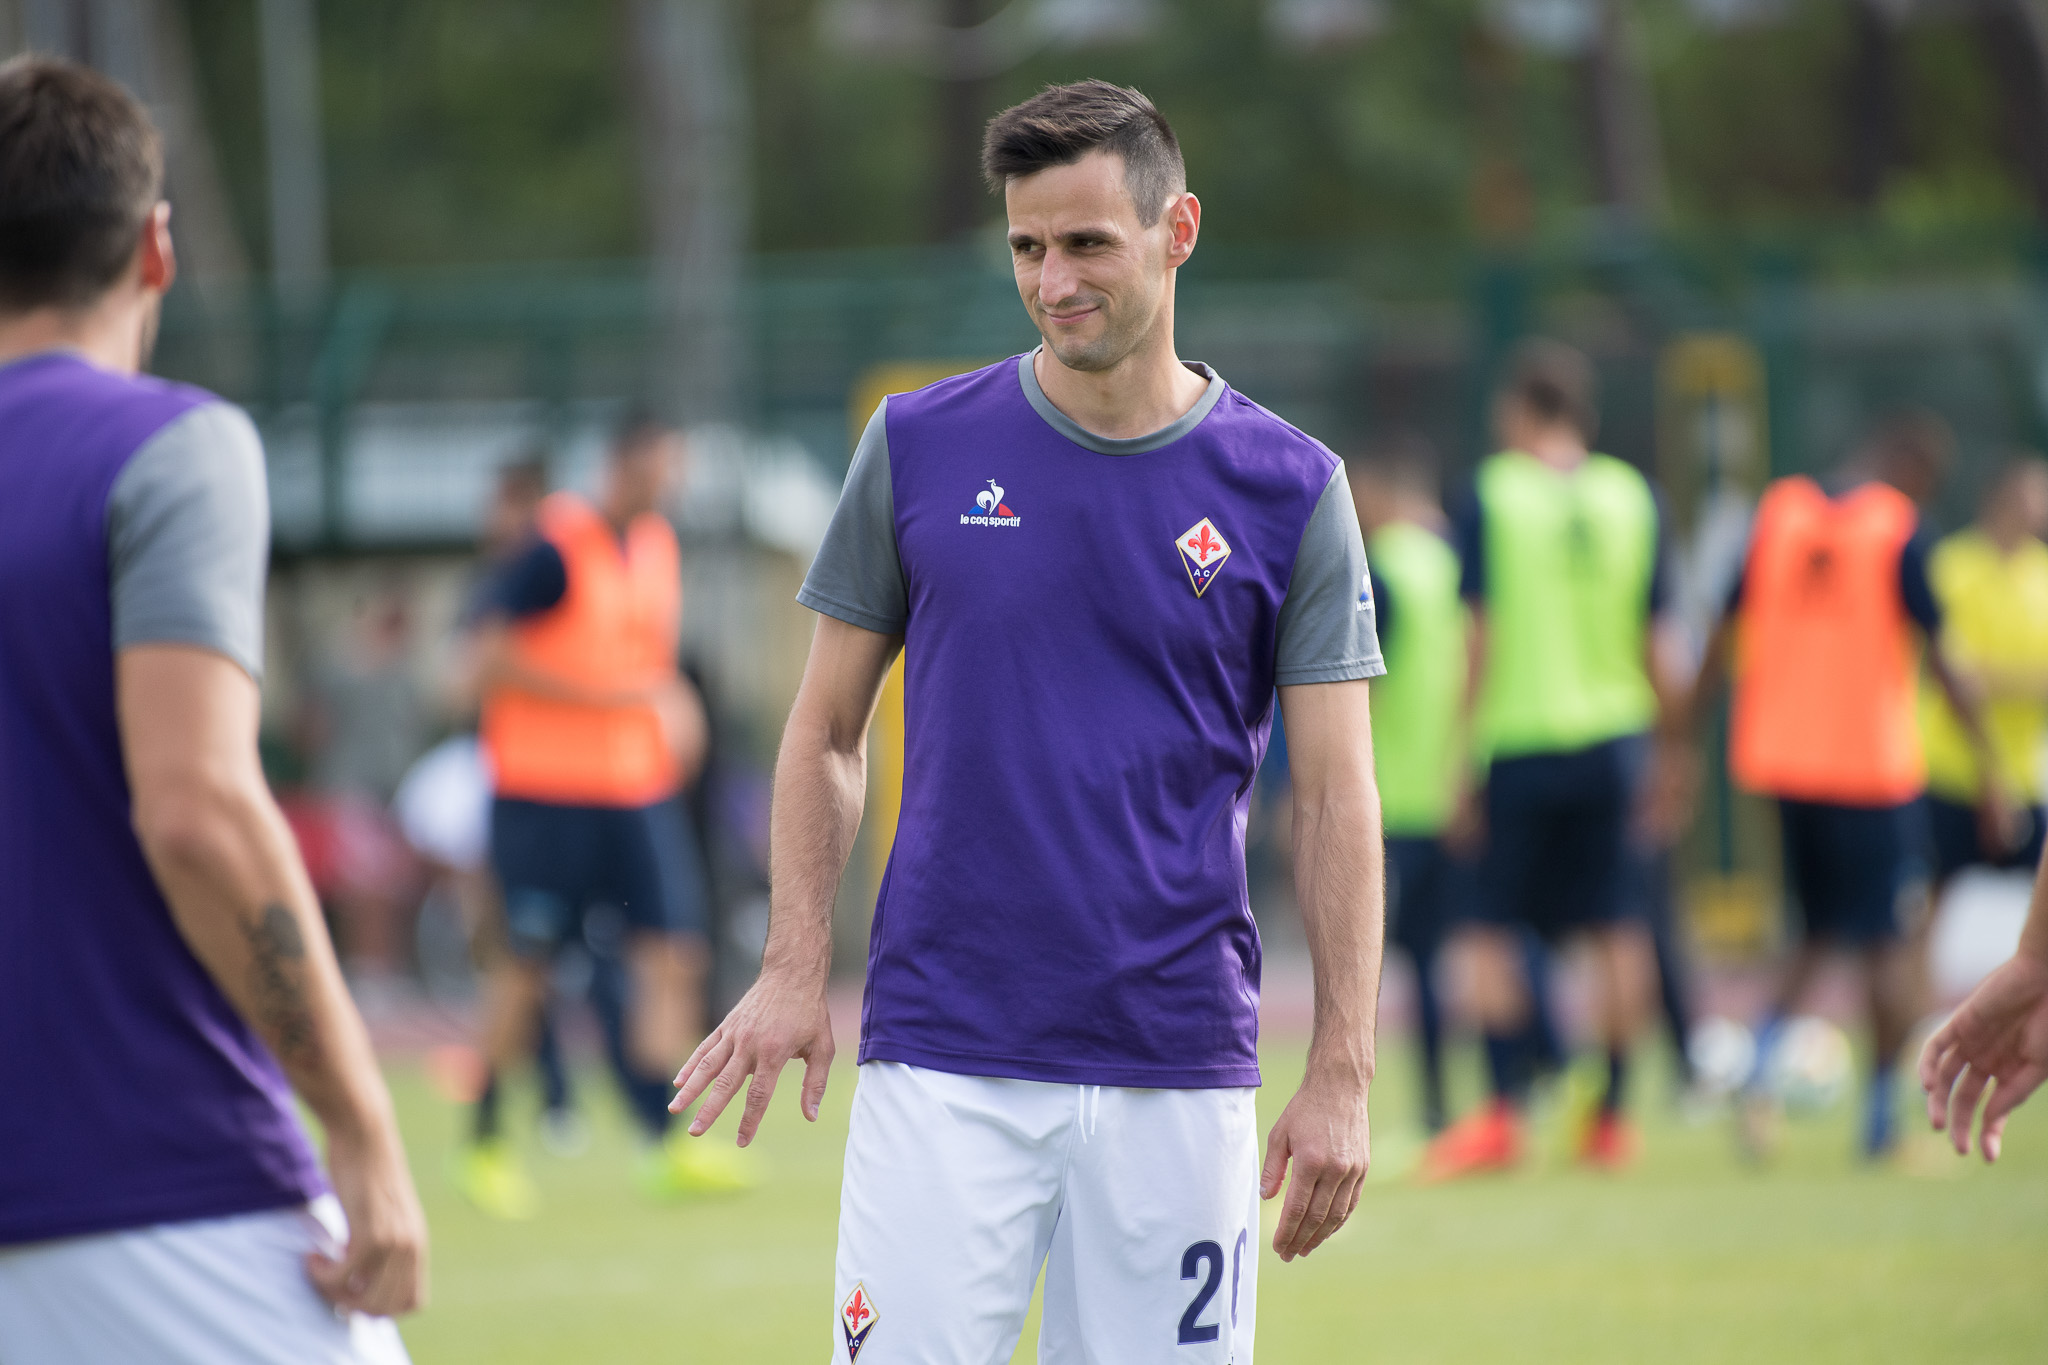 Aggiornamento Kalinic – Milan, alla Fiorentina 10 milioni di euro subito e 15 con obbligo di riscatto. Domani mattina le visite